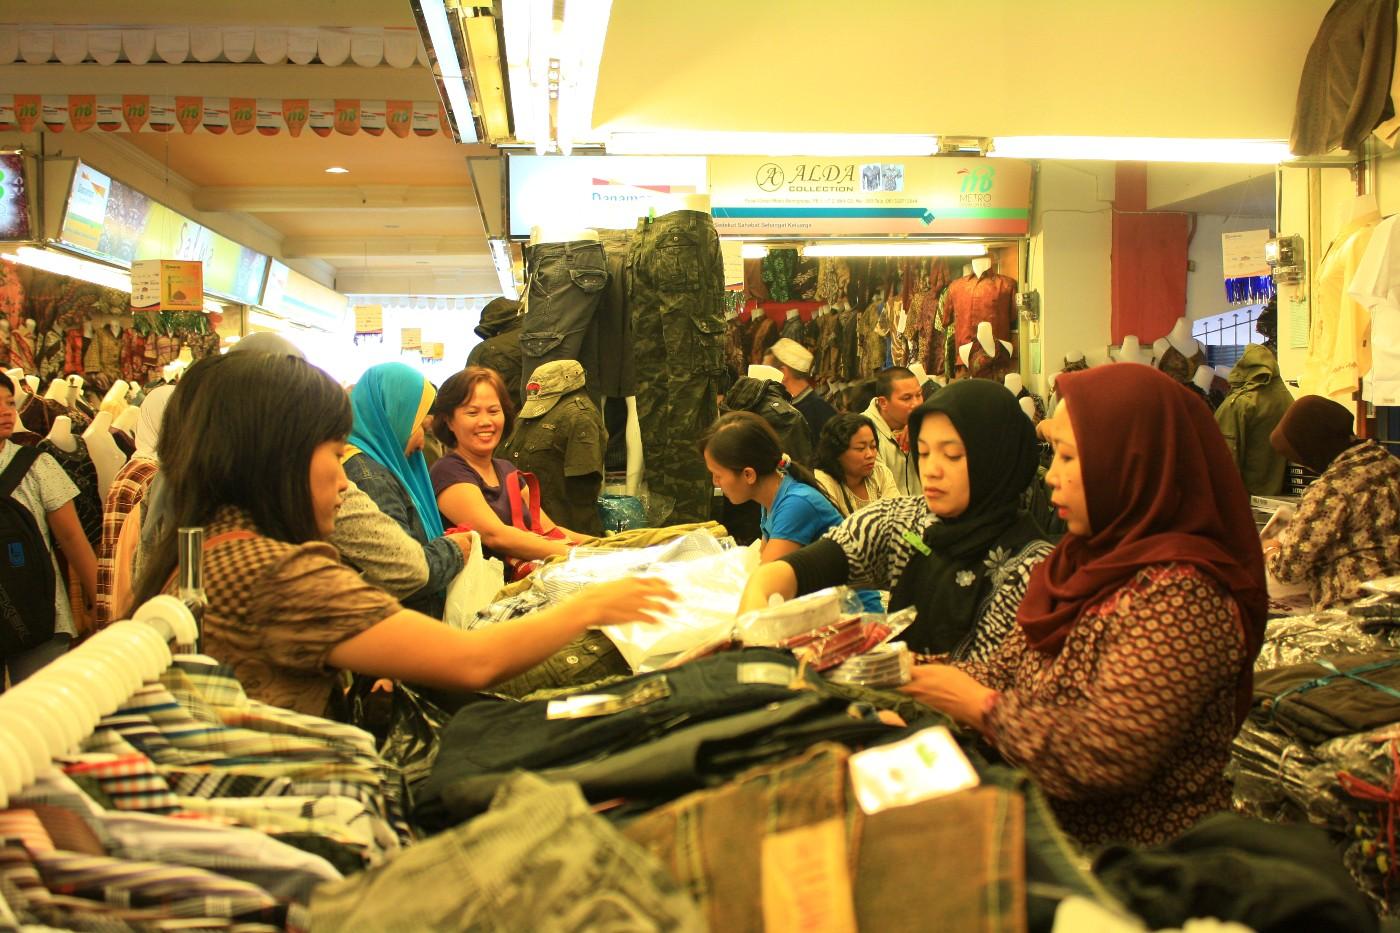 Berburu Aneka Busana Metro Pasar Beringharjo Wisata Yogyakarta Bringharjo Kota